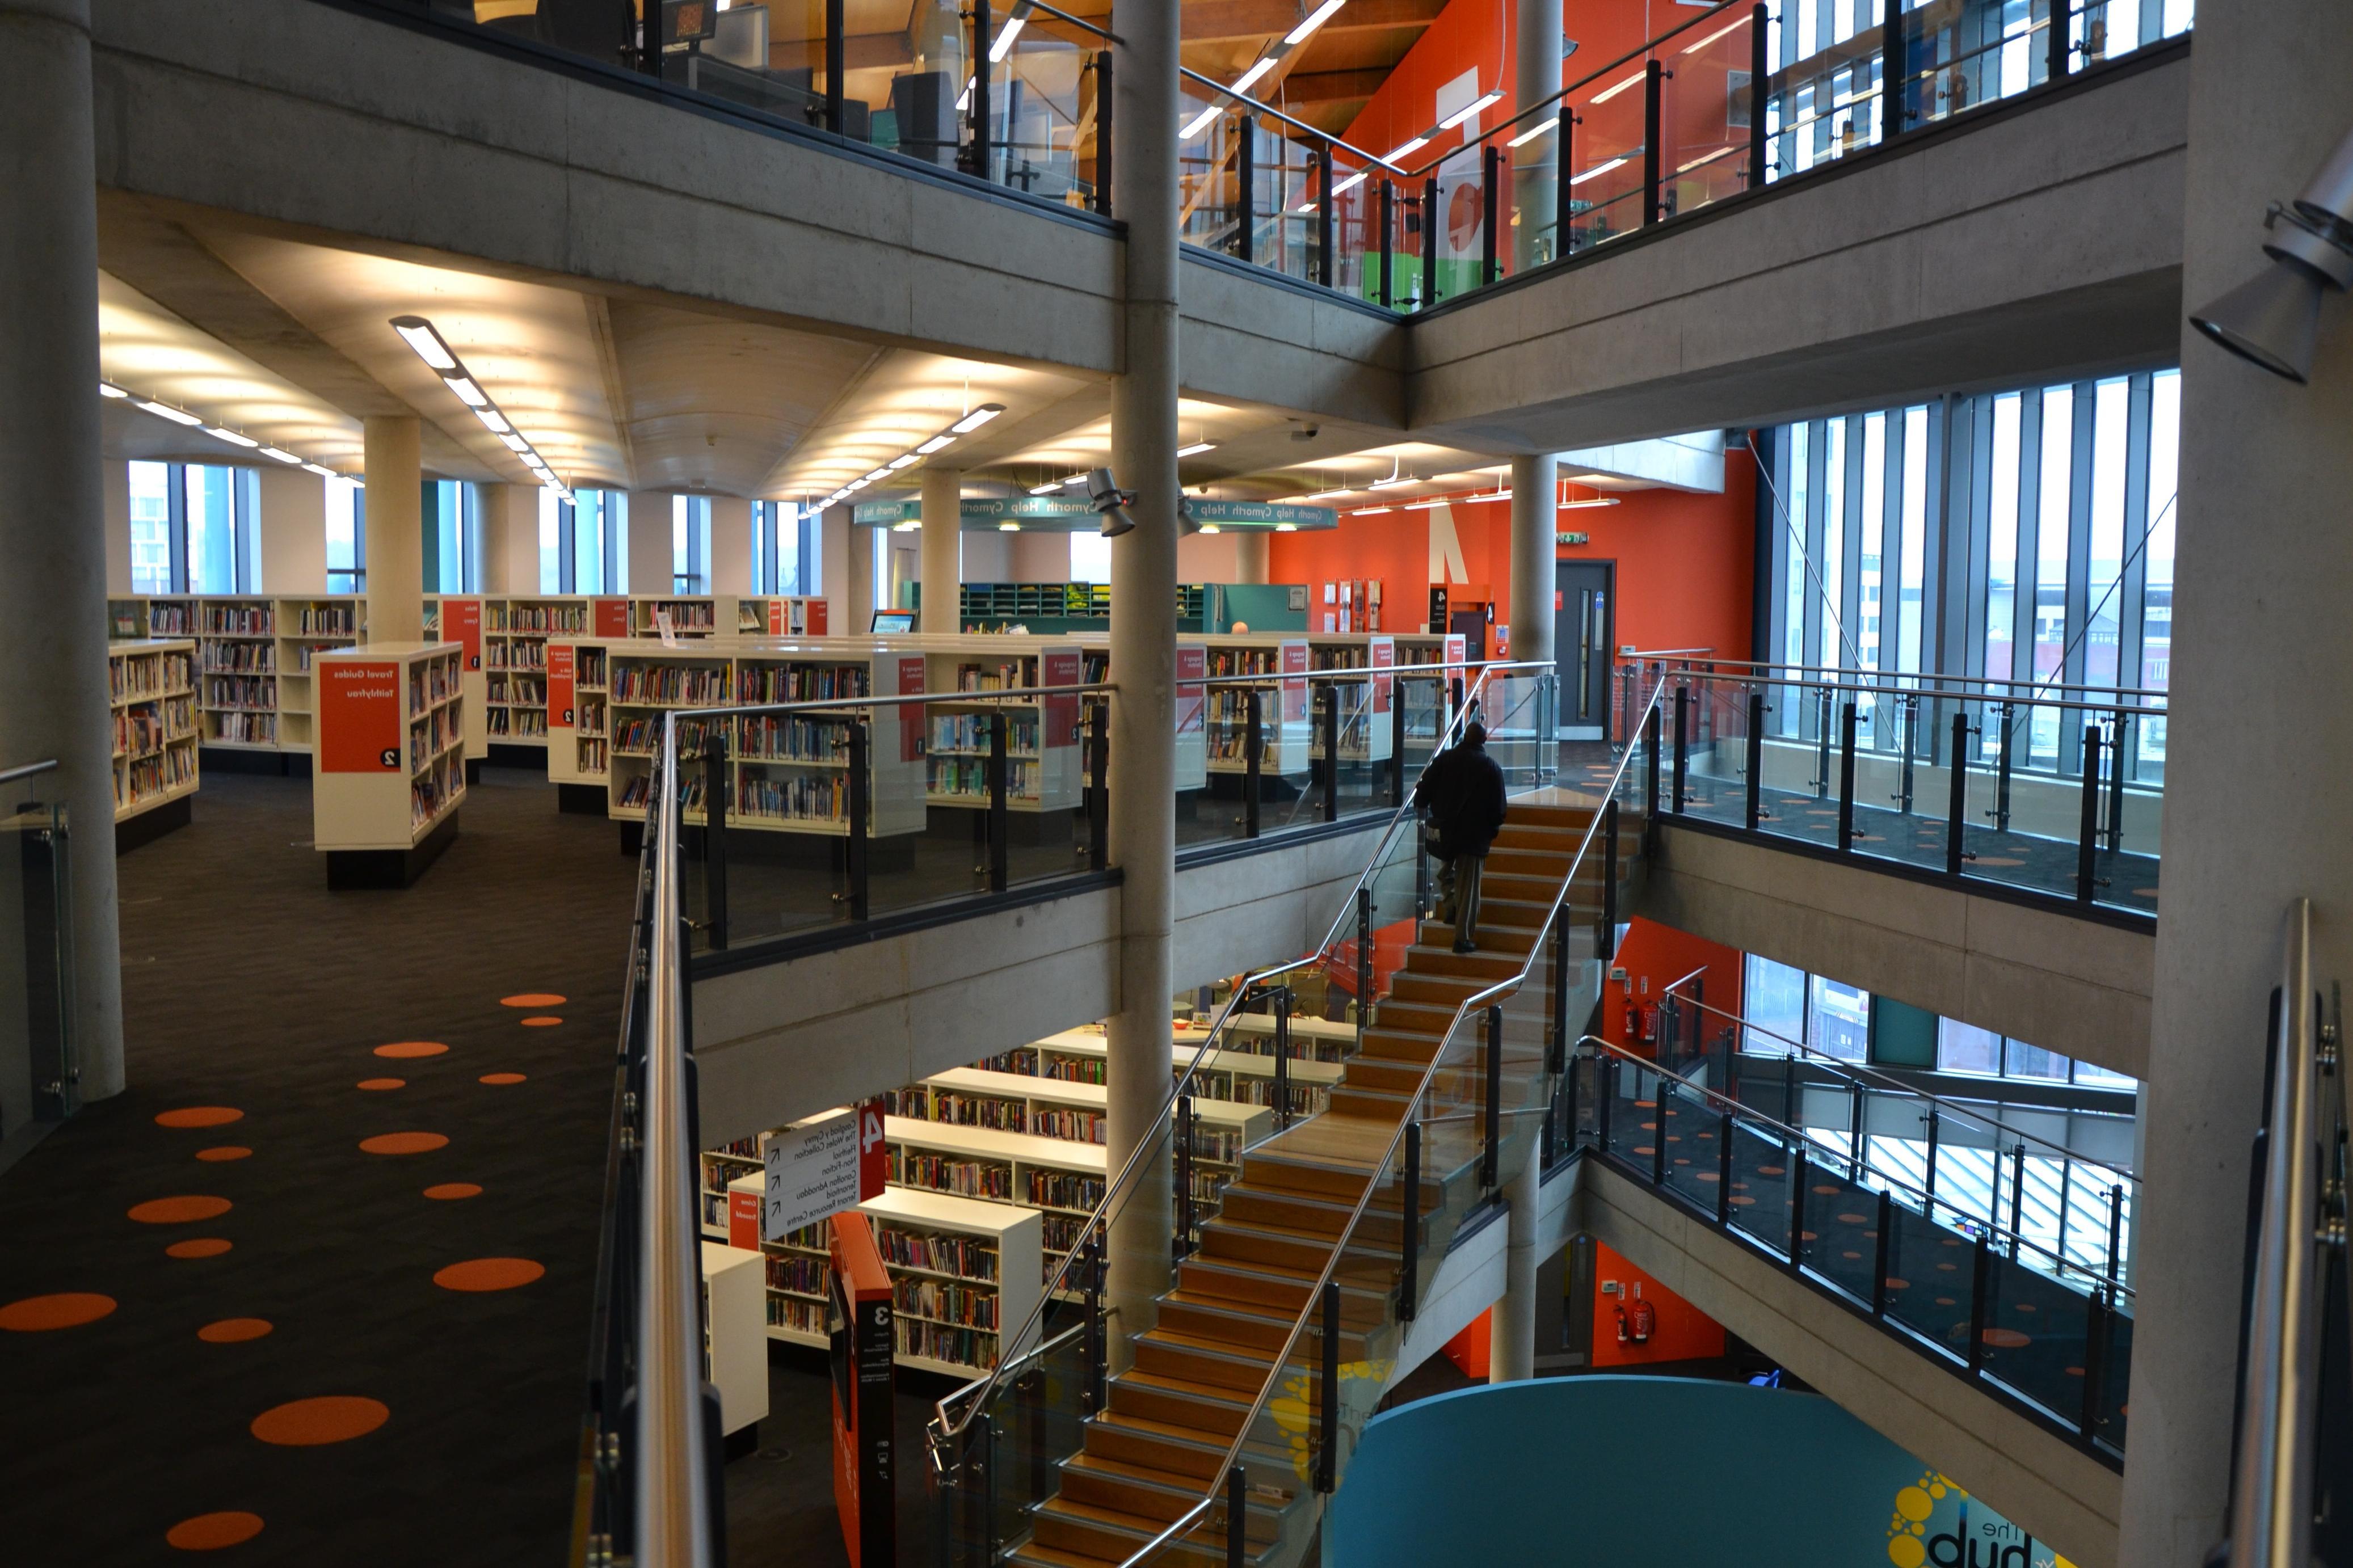 De Bibliotheek Kamer : Gratis afbeelding binnenshuis modern bibliotheek structuur